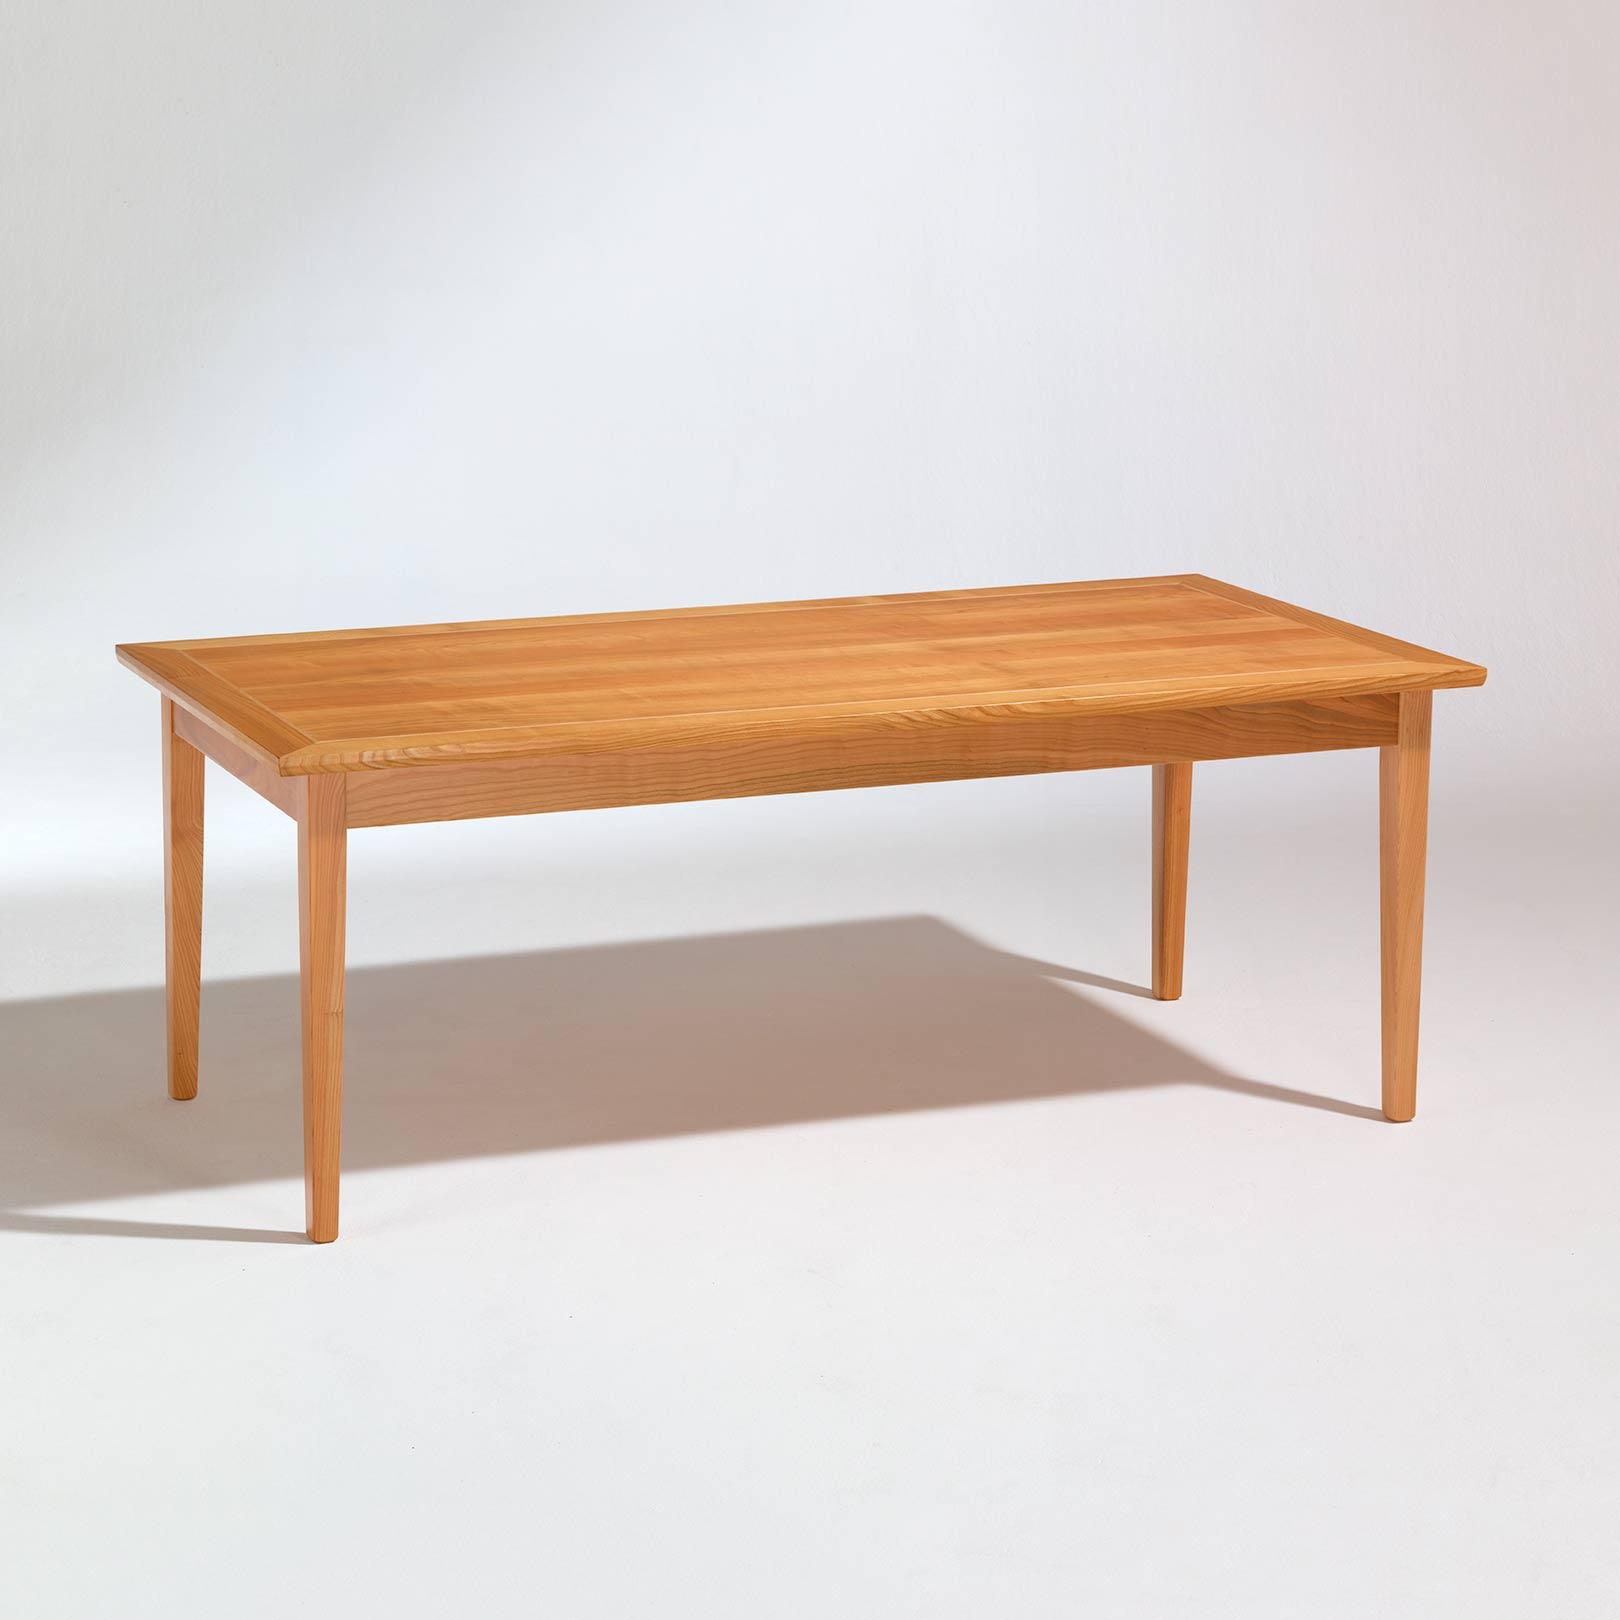 biedermeier tisch mit auszug - lignum möbelmanufaktur